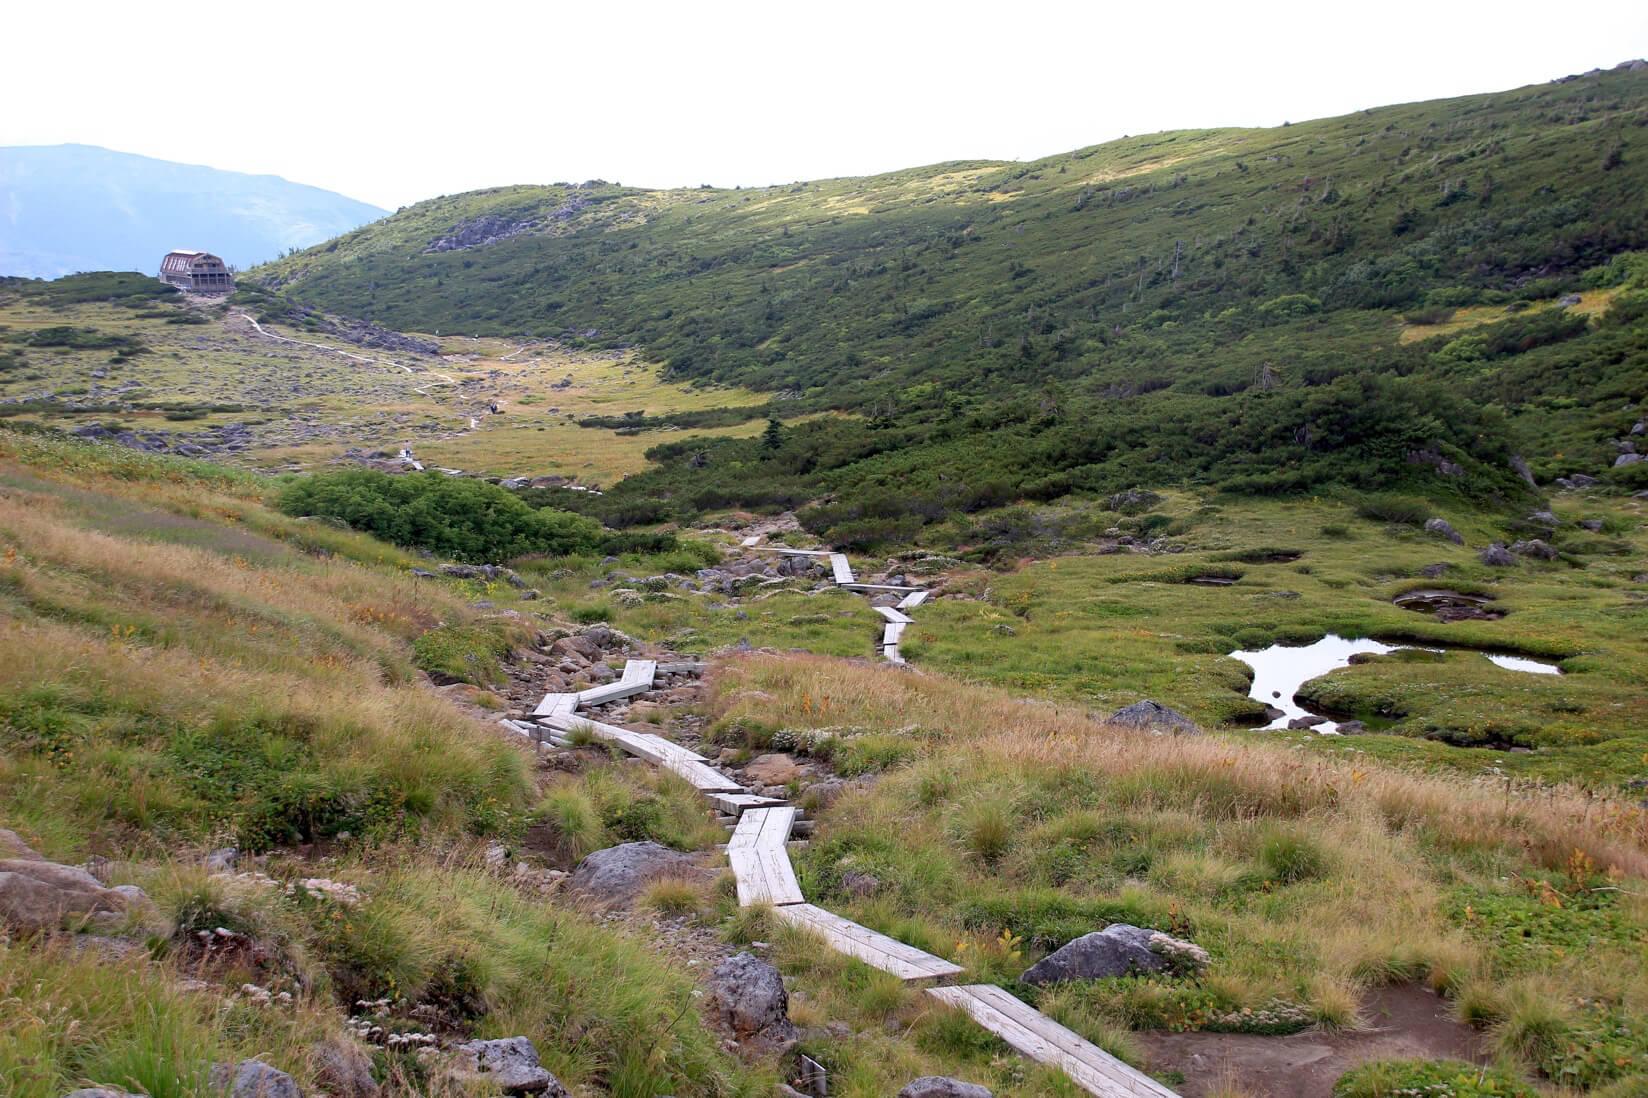 雲ノ平の木道と雲ノ平山荘